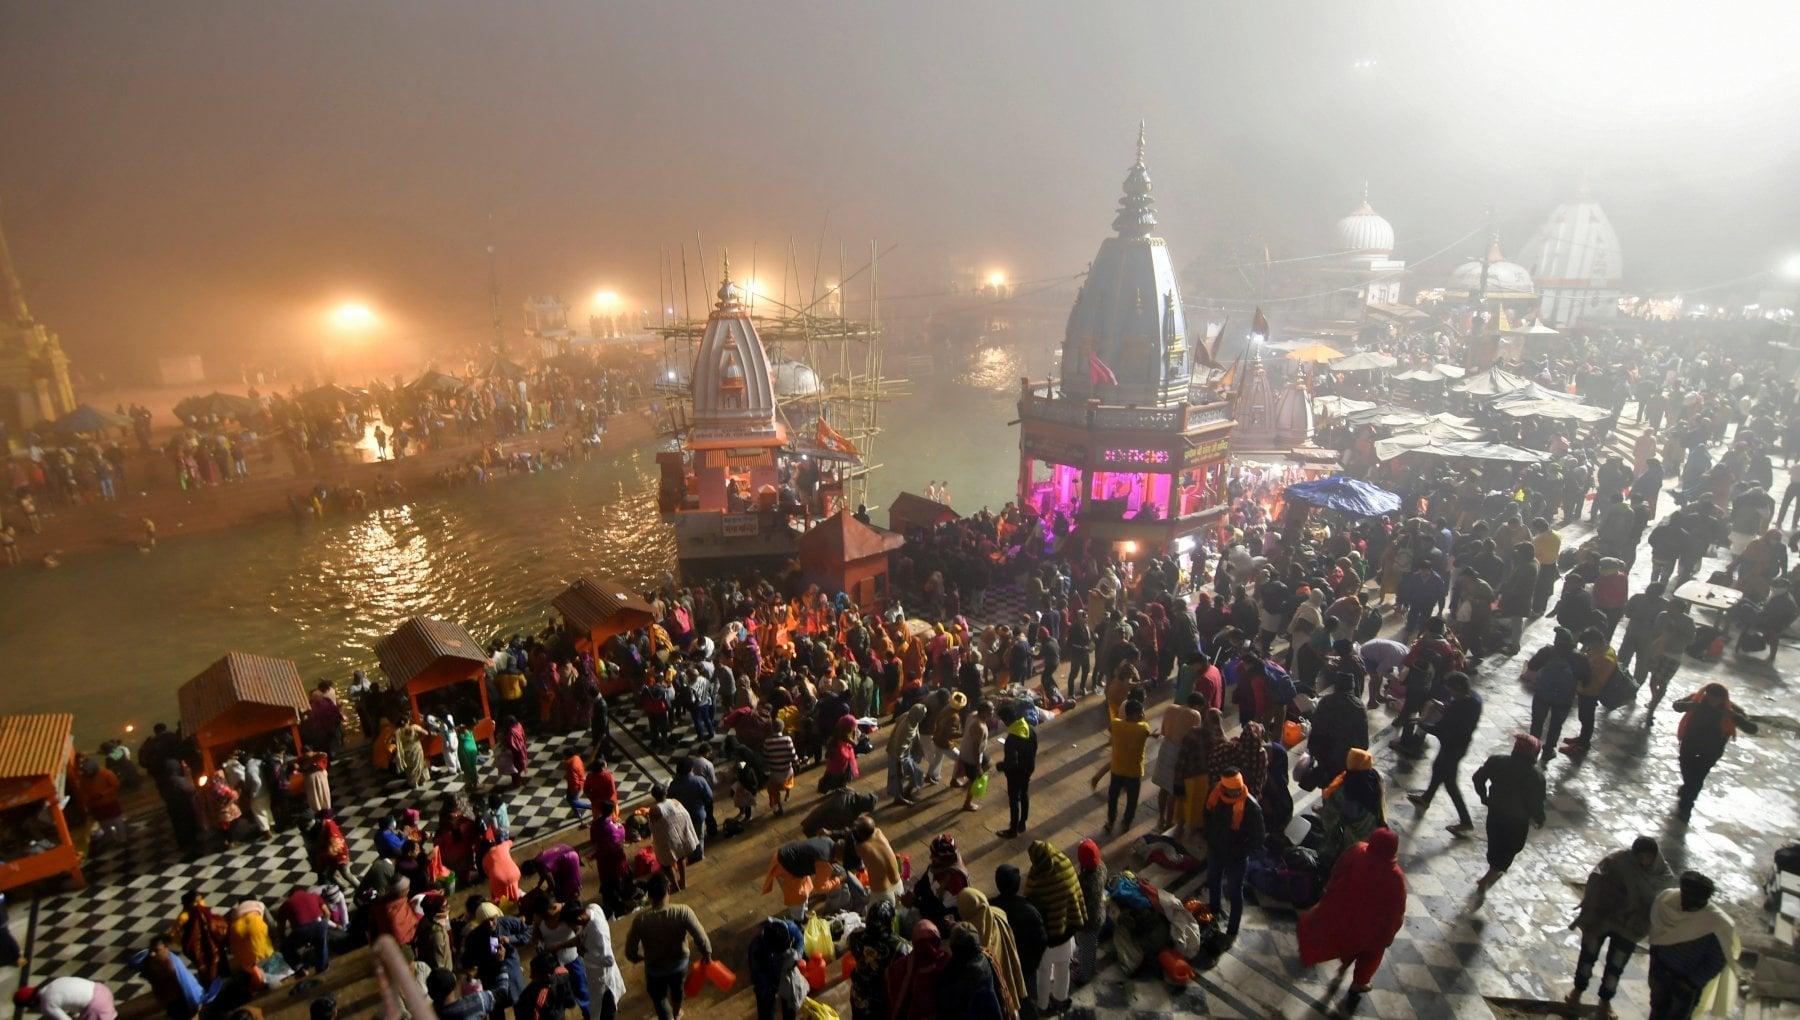 111029383 e673cf39 7117 41b7 a684 126110a41483 - India, al via il festival del Kumbh Mela: milioni ammassati nonostante il Covid